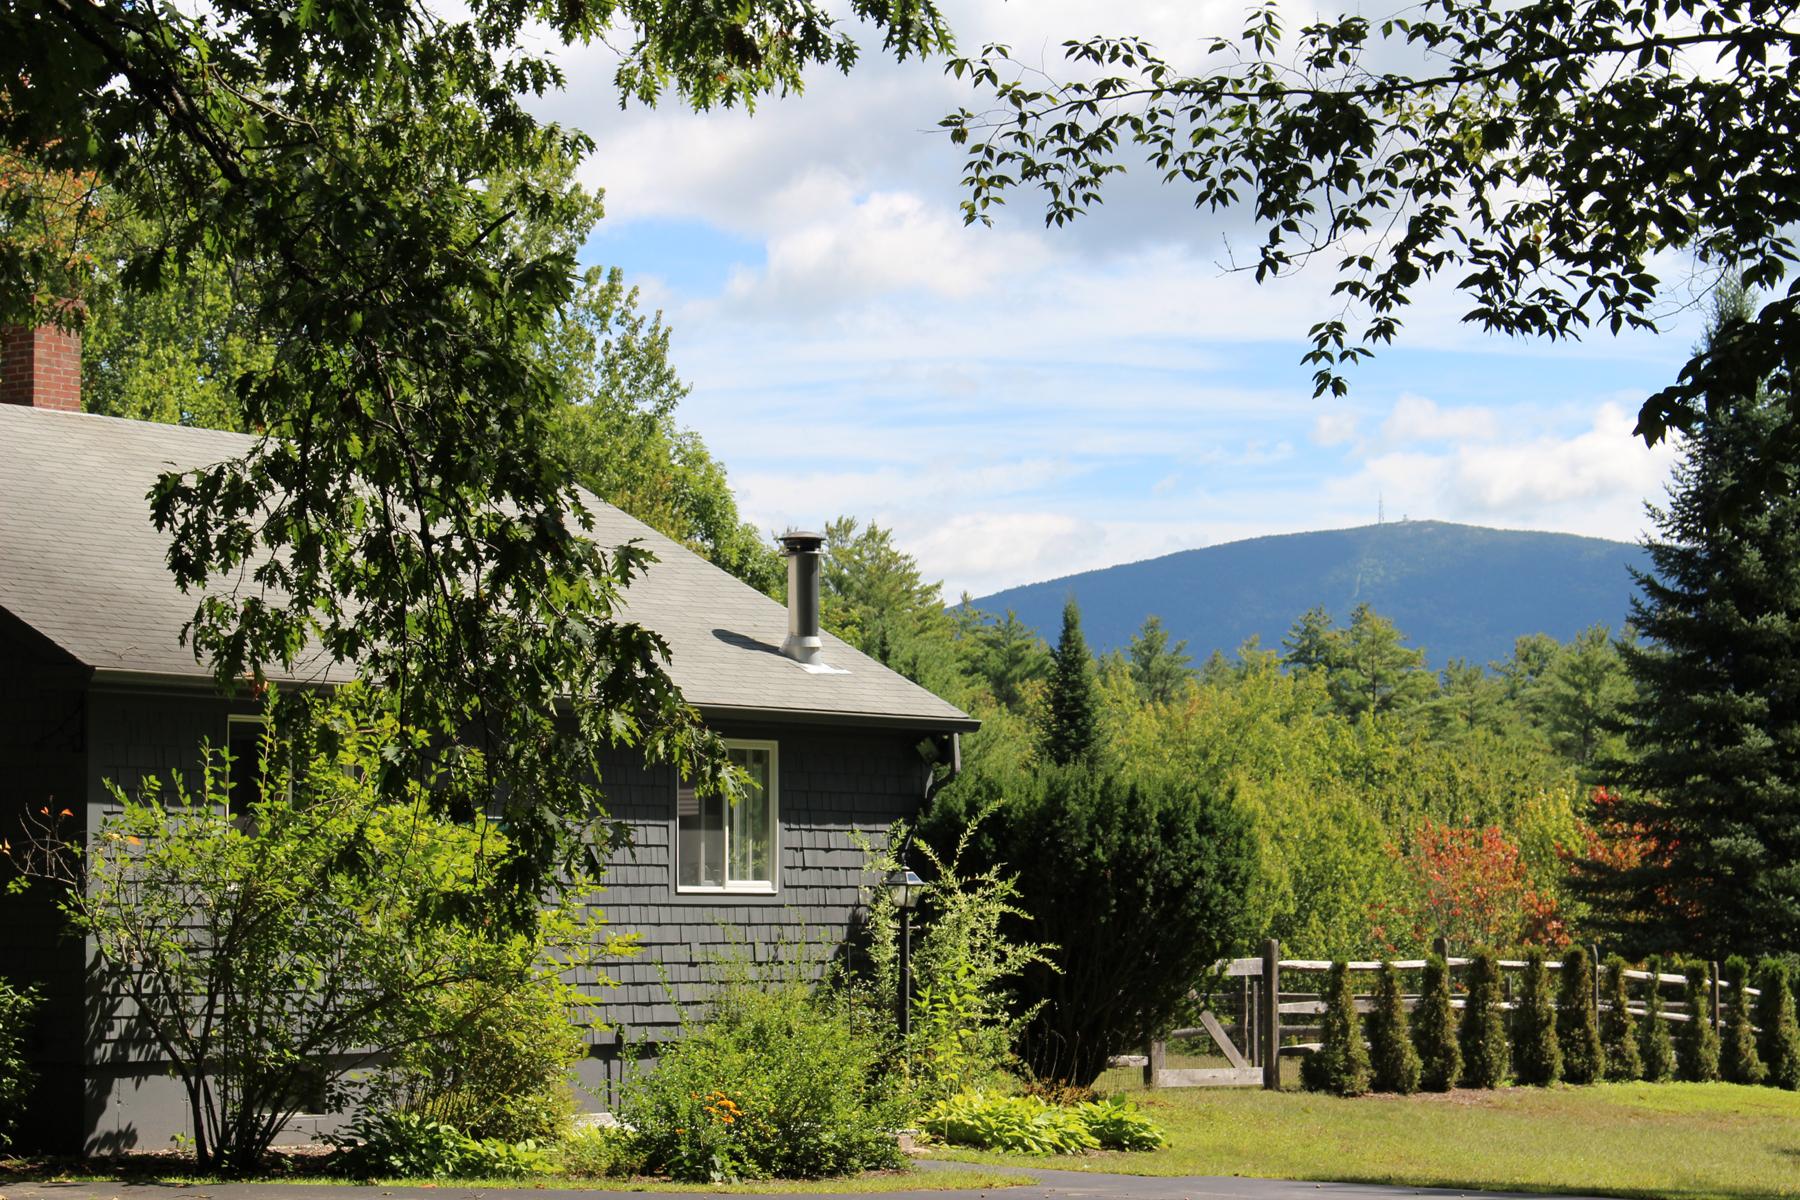 Casa Unifamiliar por un Venta en 46 Mountain Road, New London 46 Mountain Rd New London, Nueva Hampshire 03257 Estados Unidos